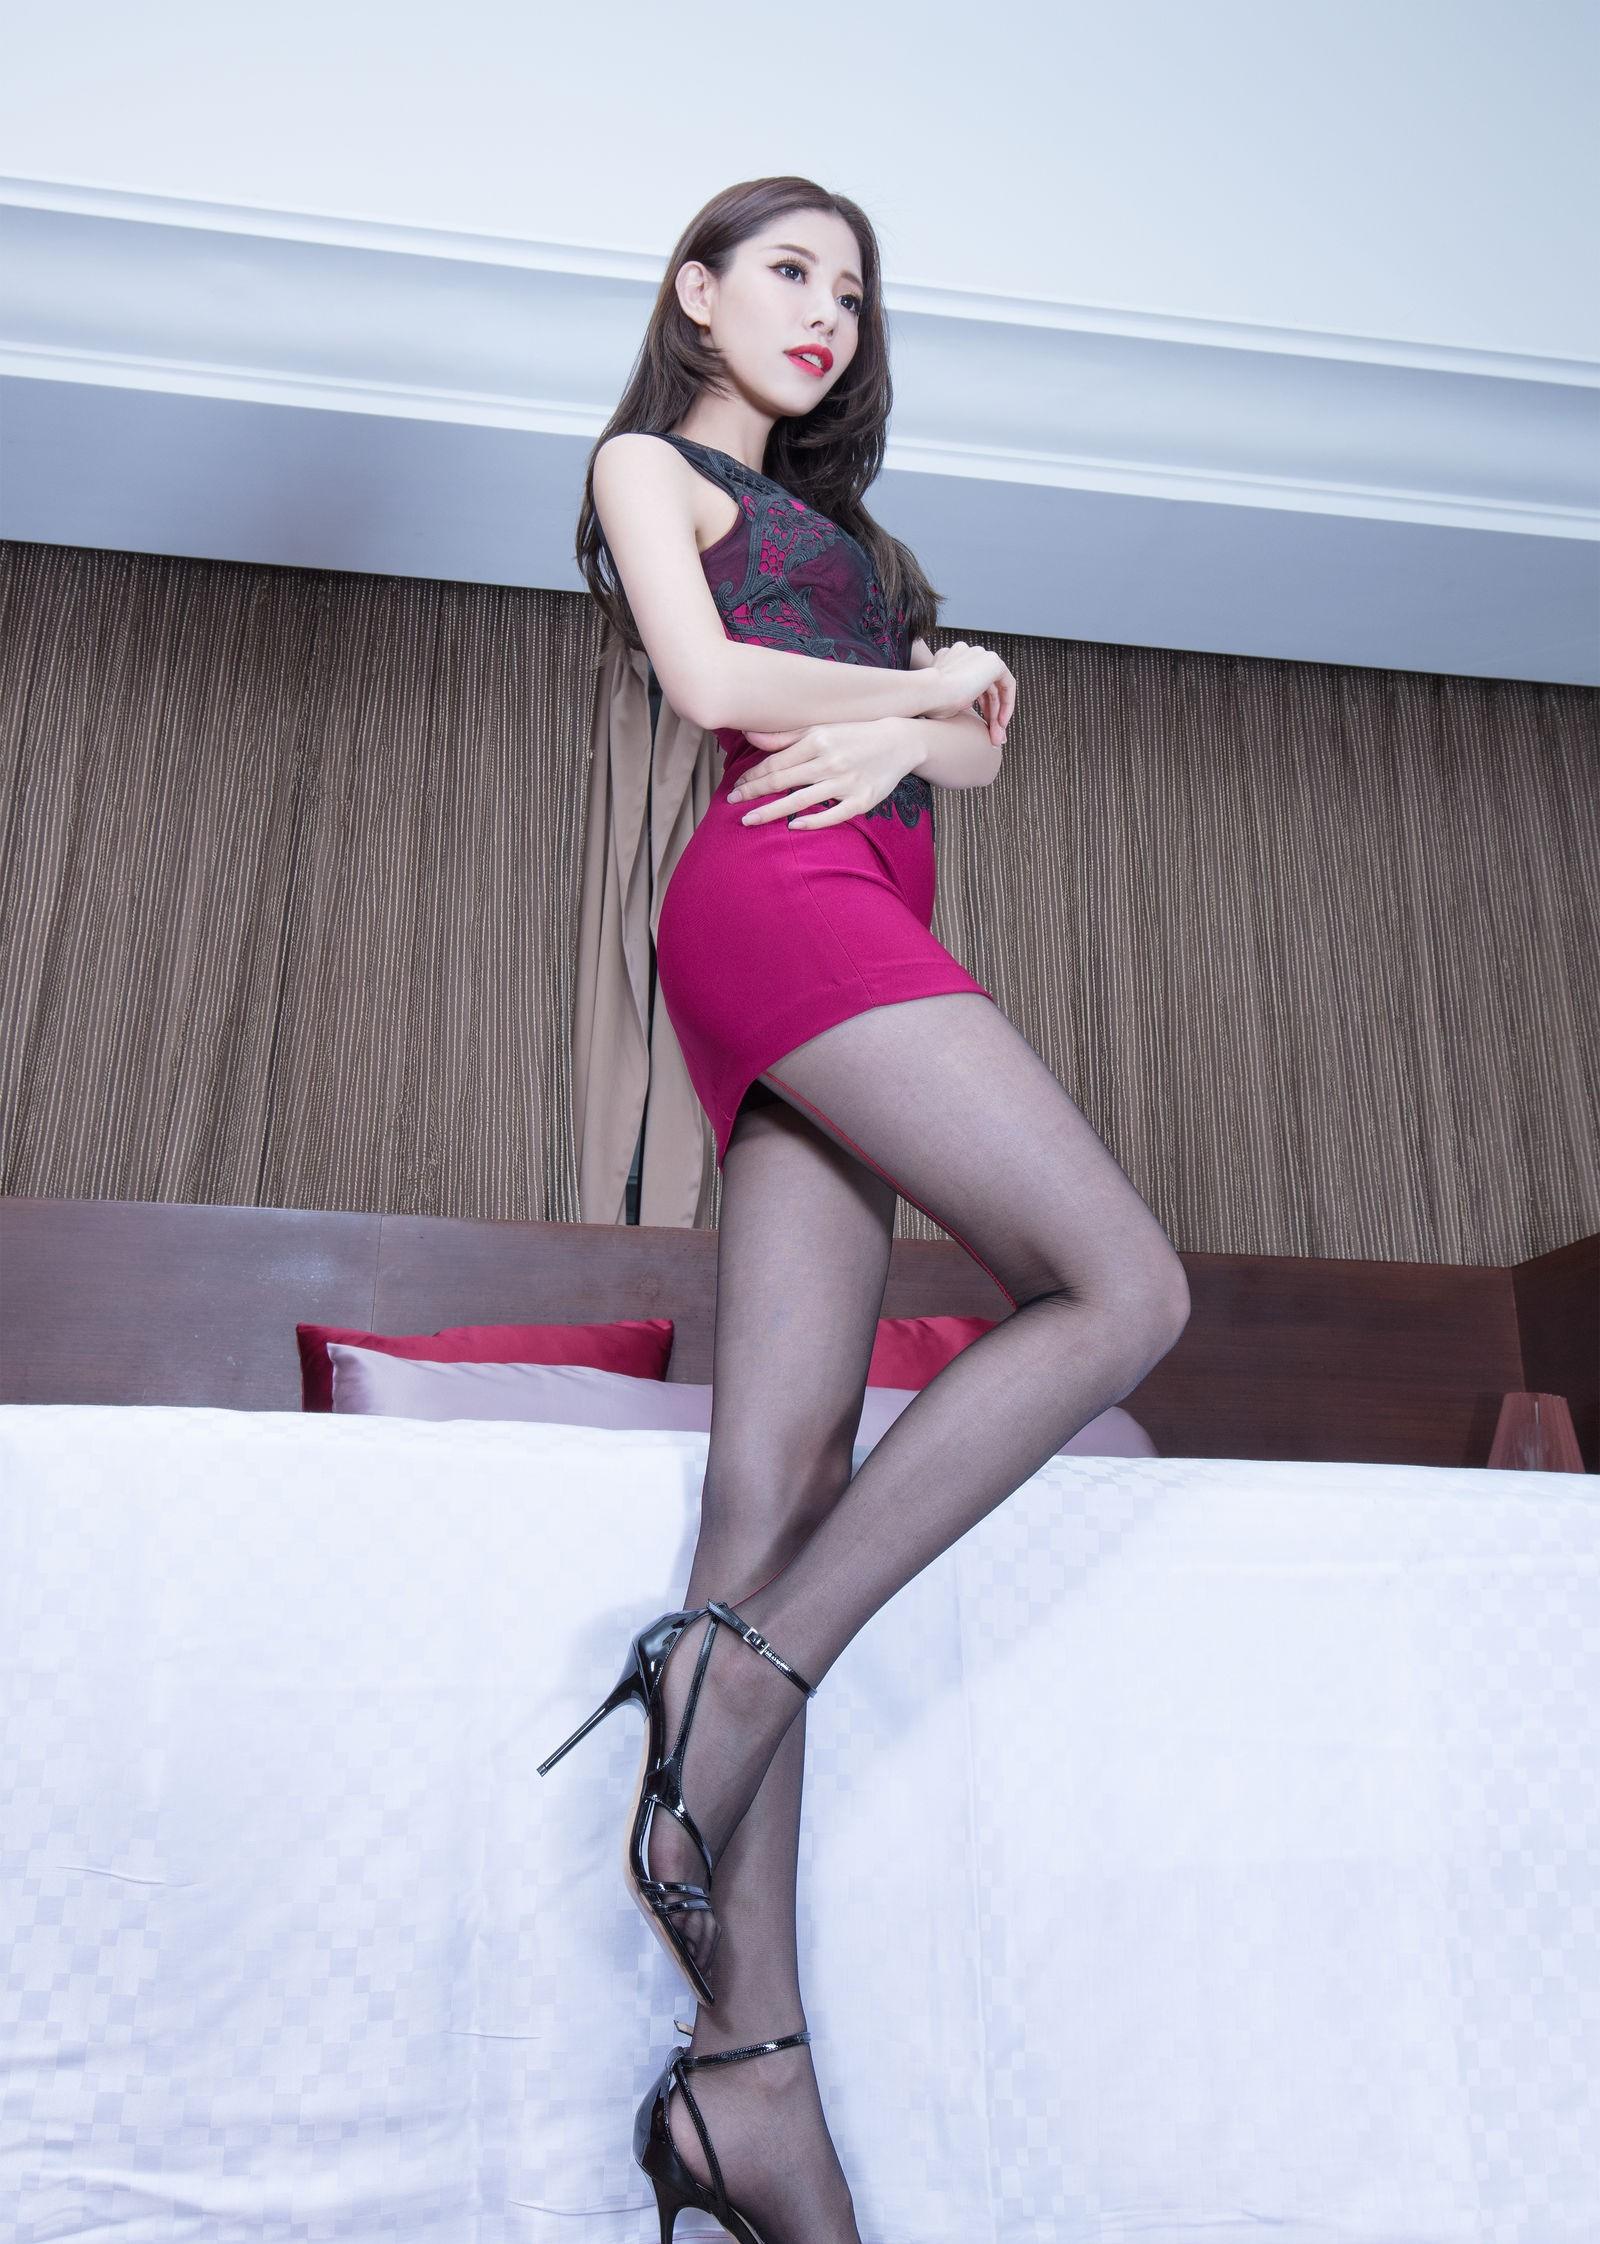 ドレスを着た美女の黒パンスト足 6